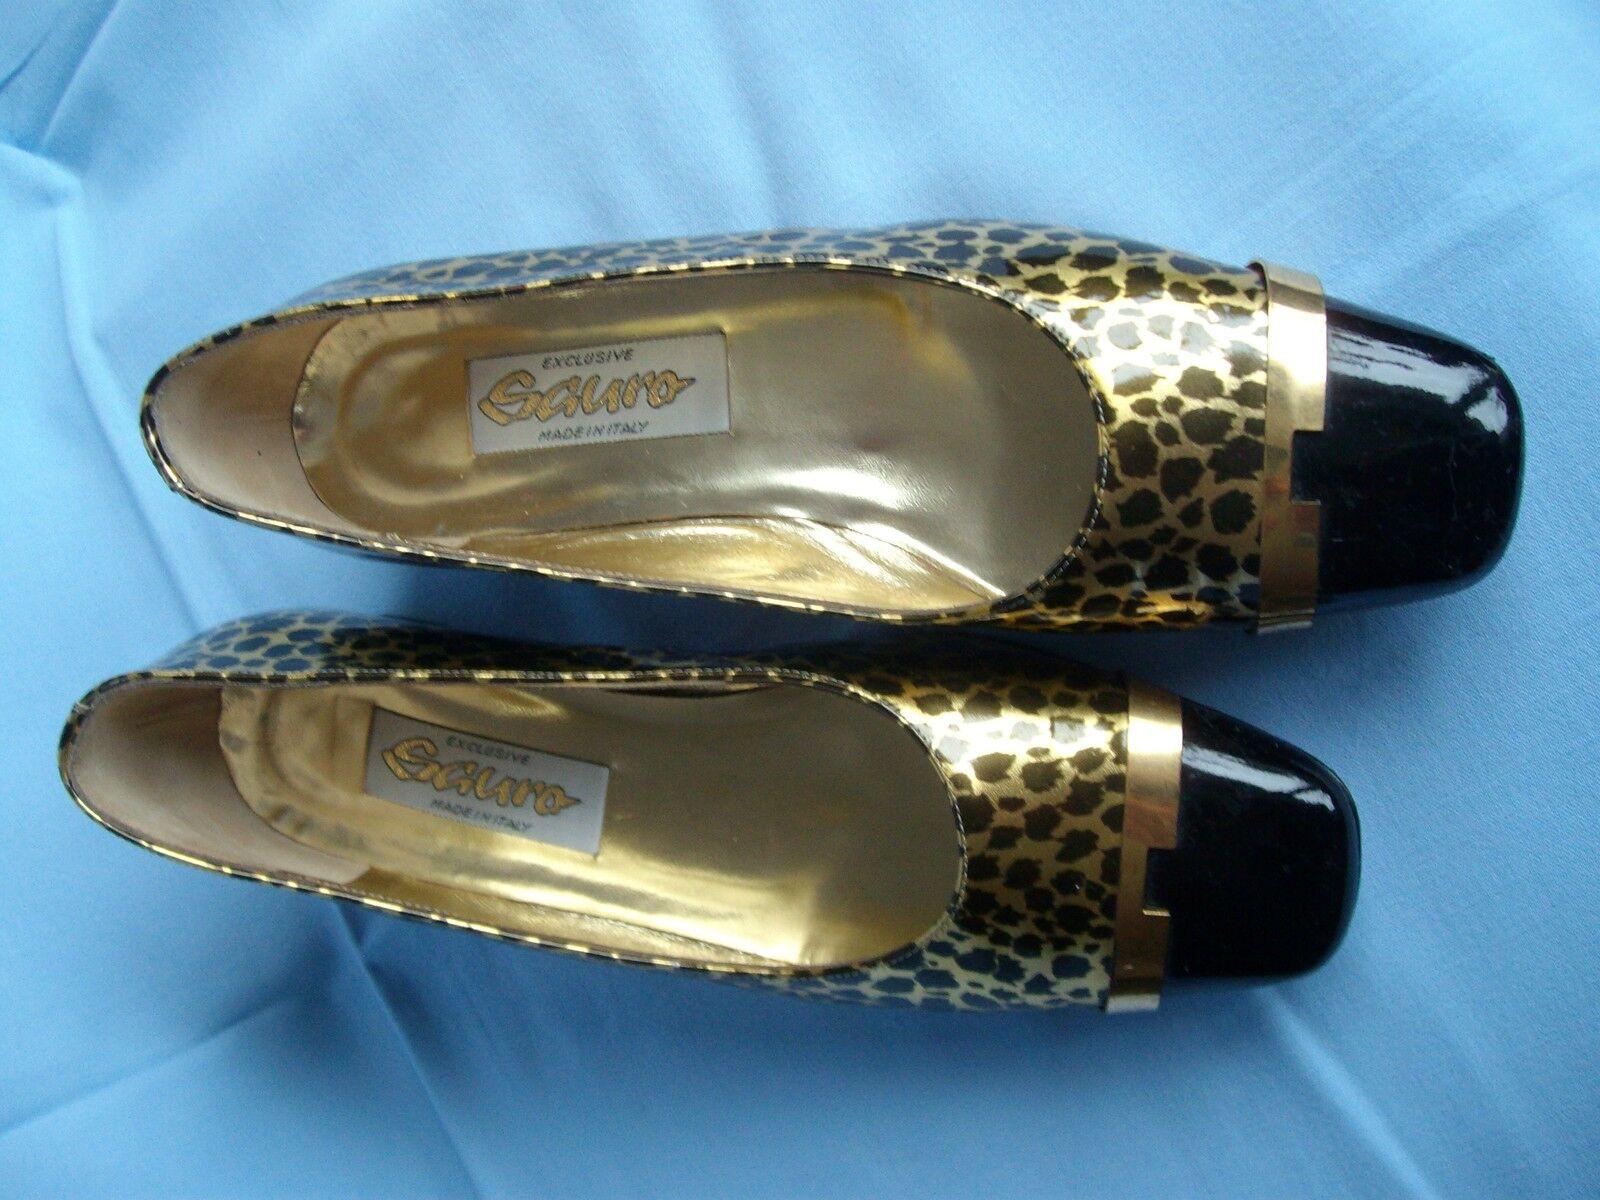 Damenschuhe - Pumps - - Sauro - - Größe 37 - Lackschuhe schwarz mit Tigerdesign b53410